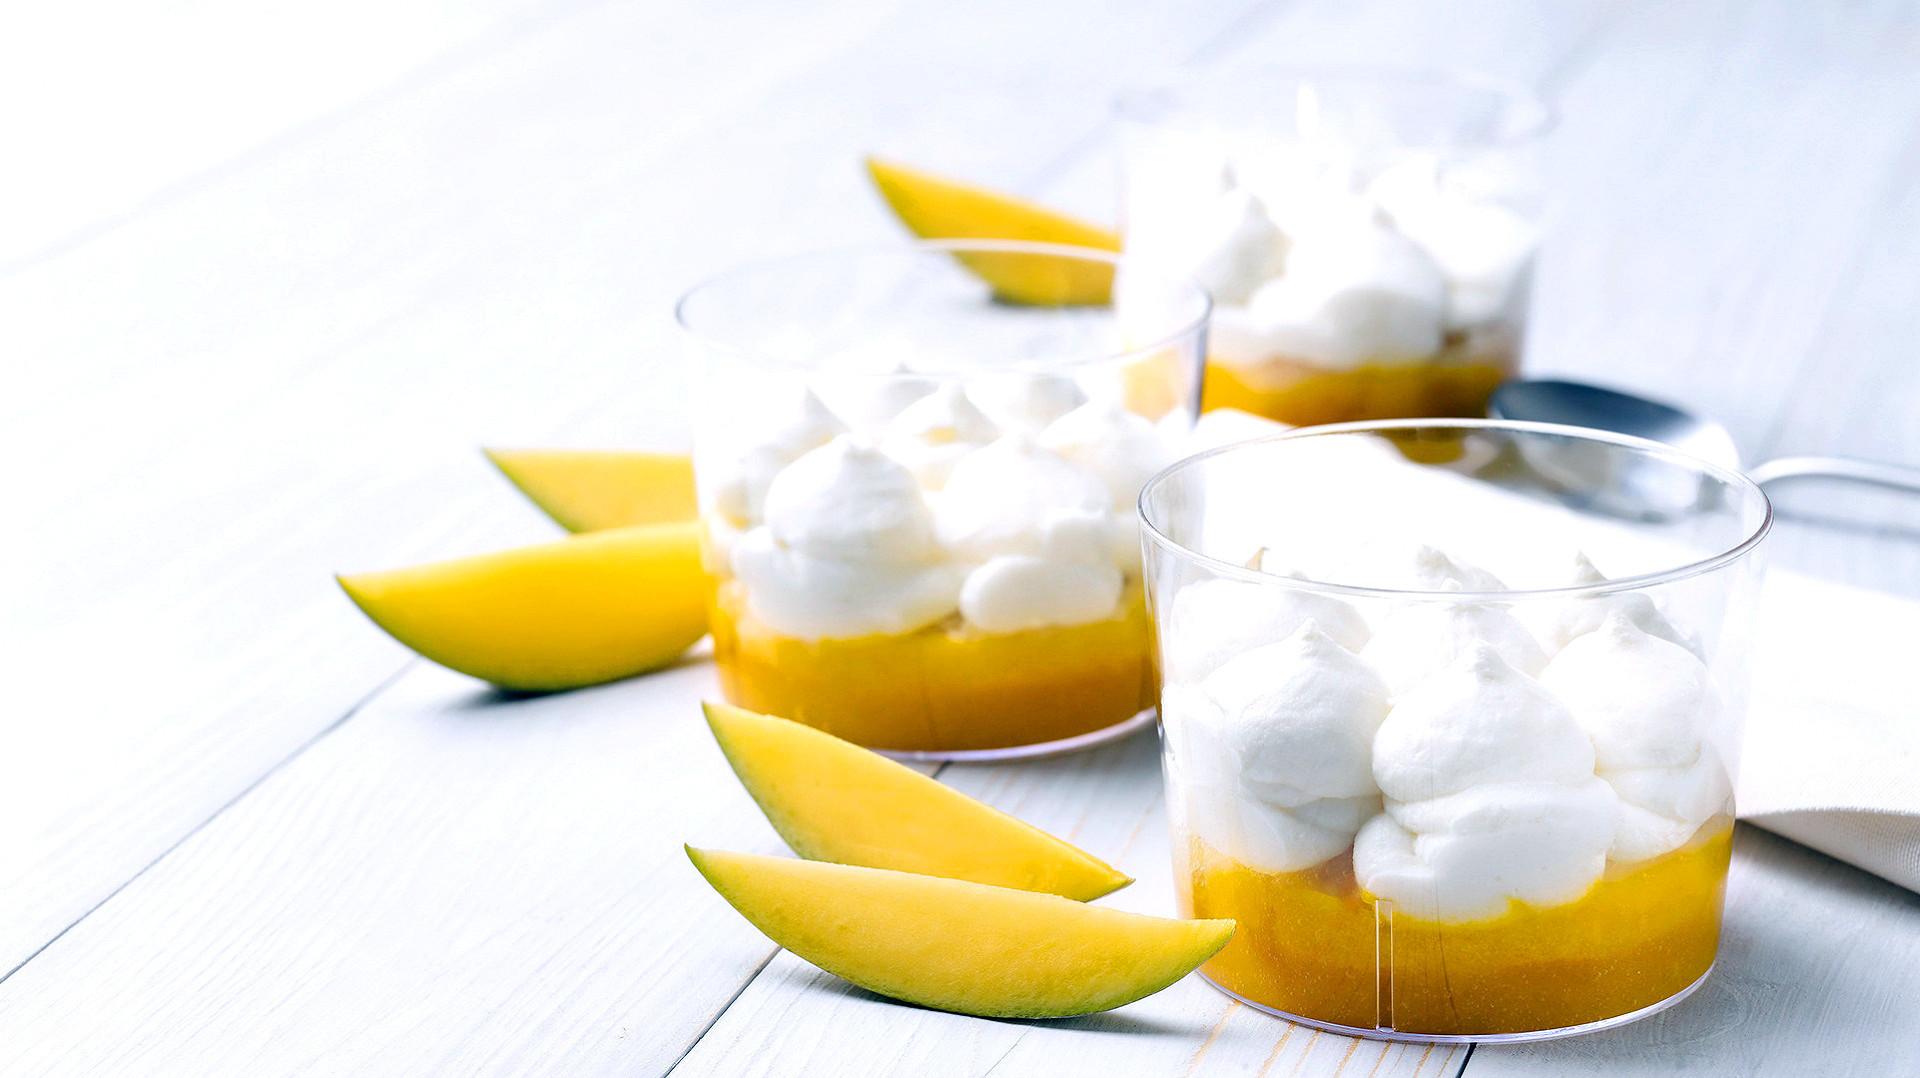 Hochwertiger Dessert-Genuss zum Mitnehmen